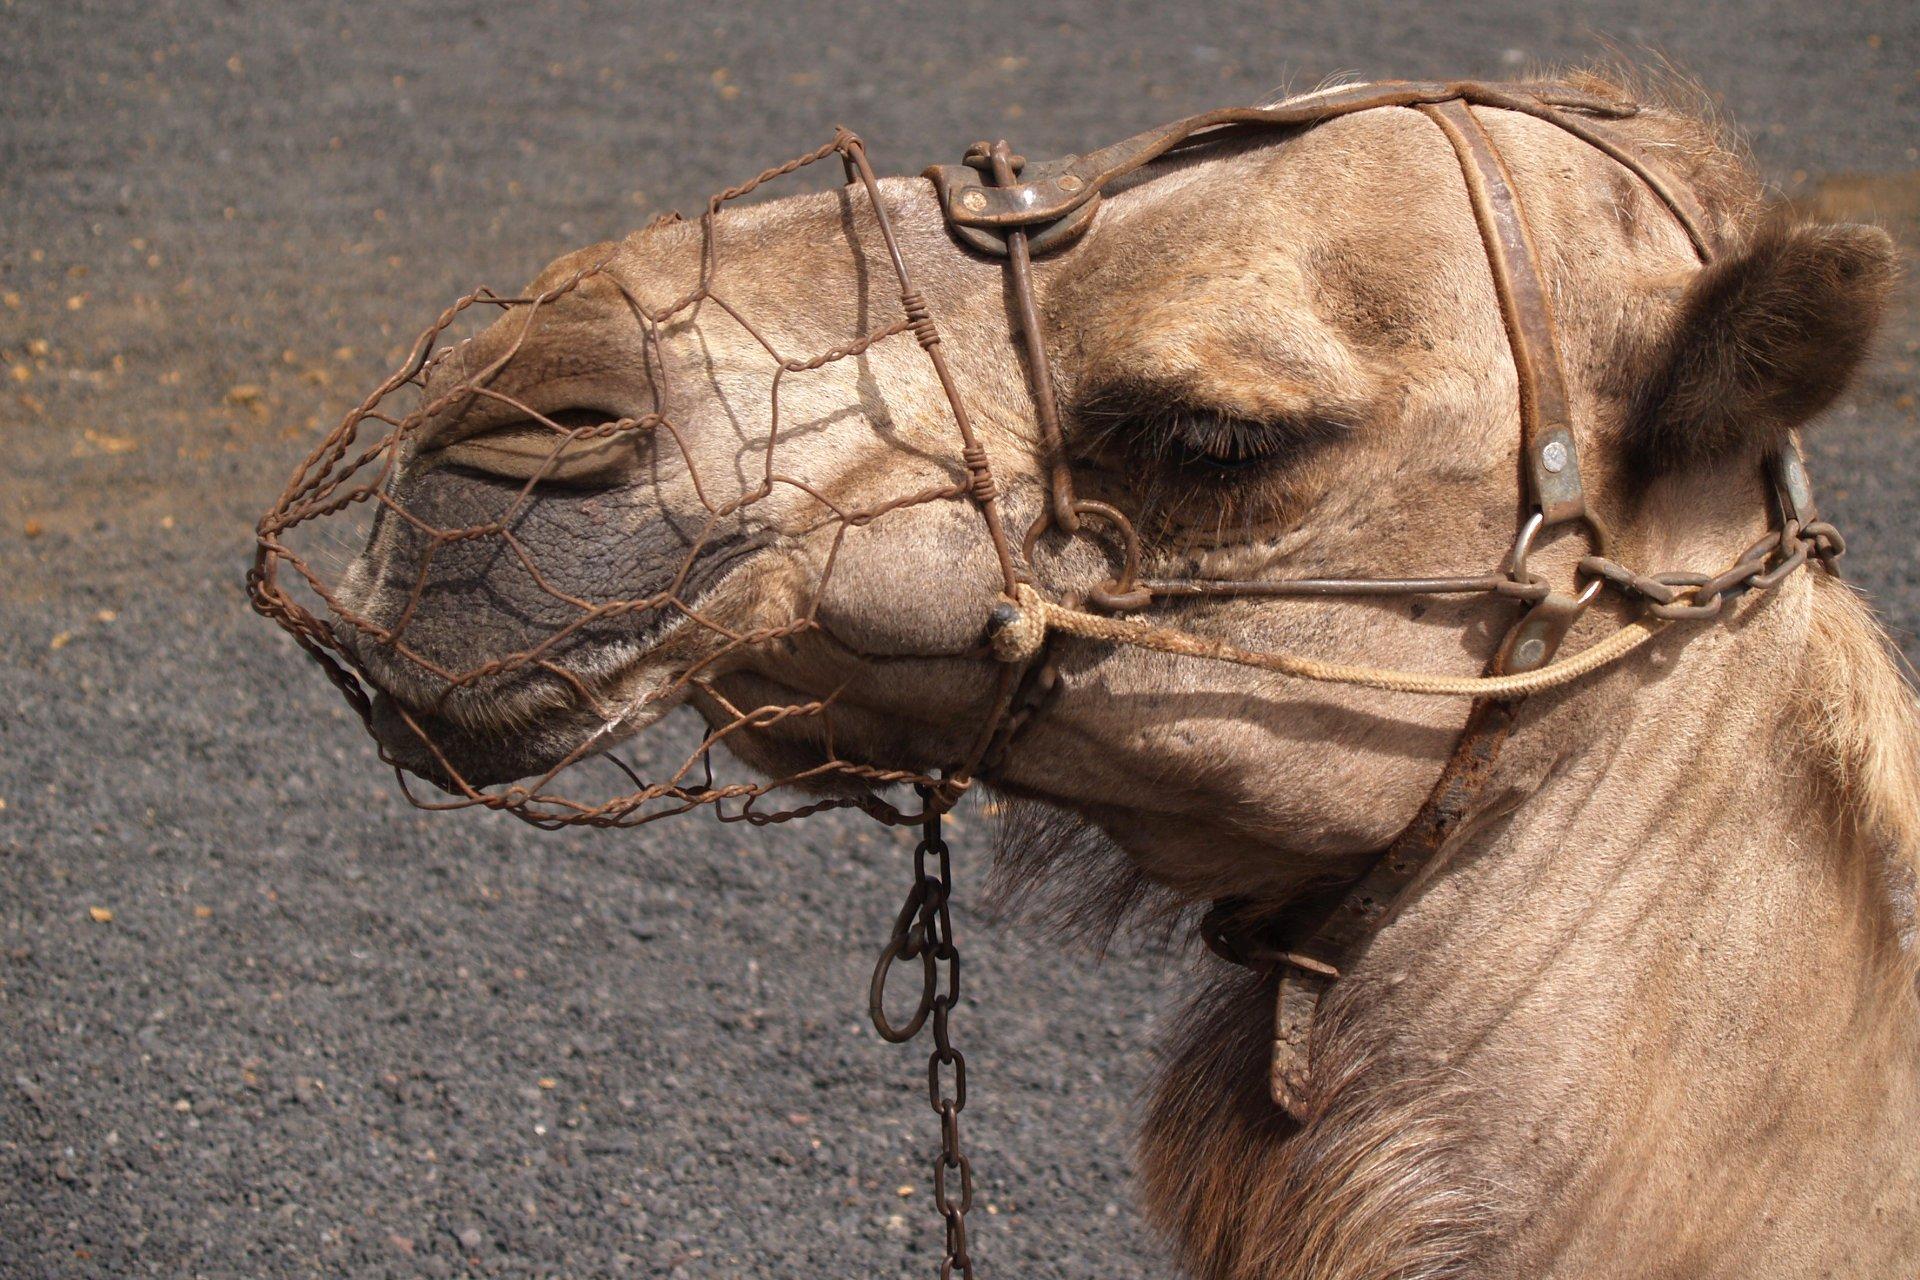 Camel in Lanzarote